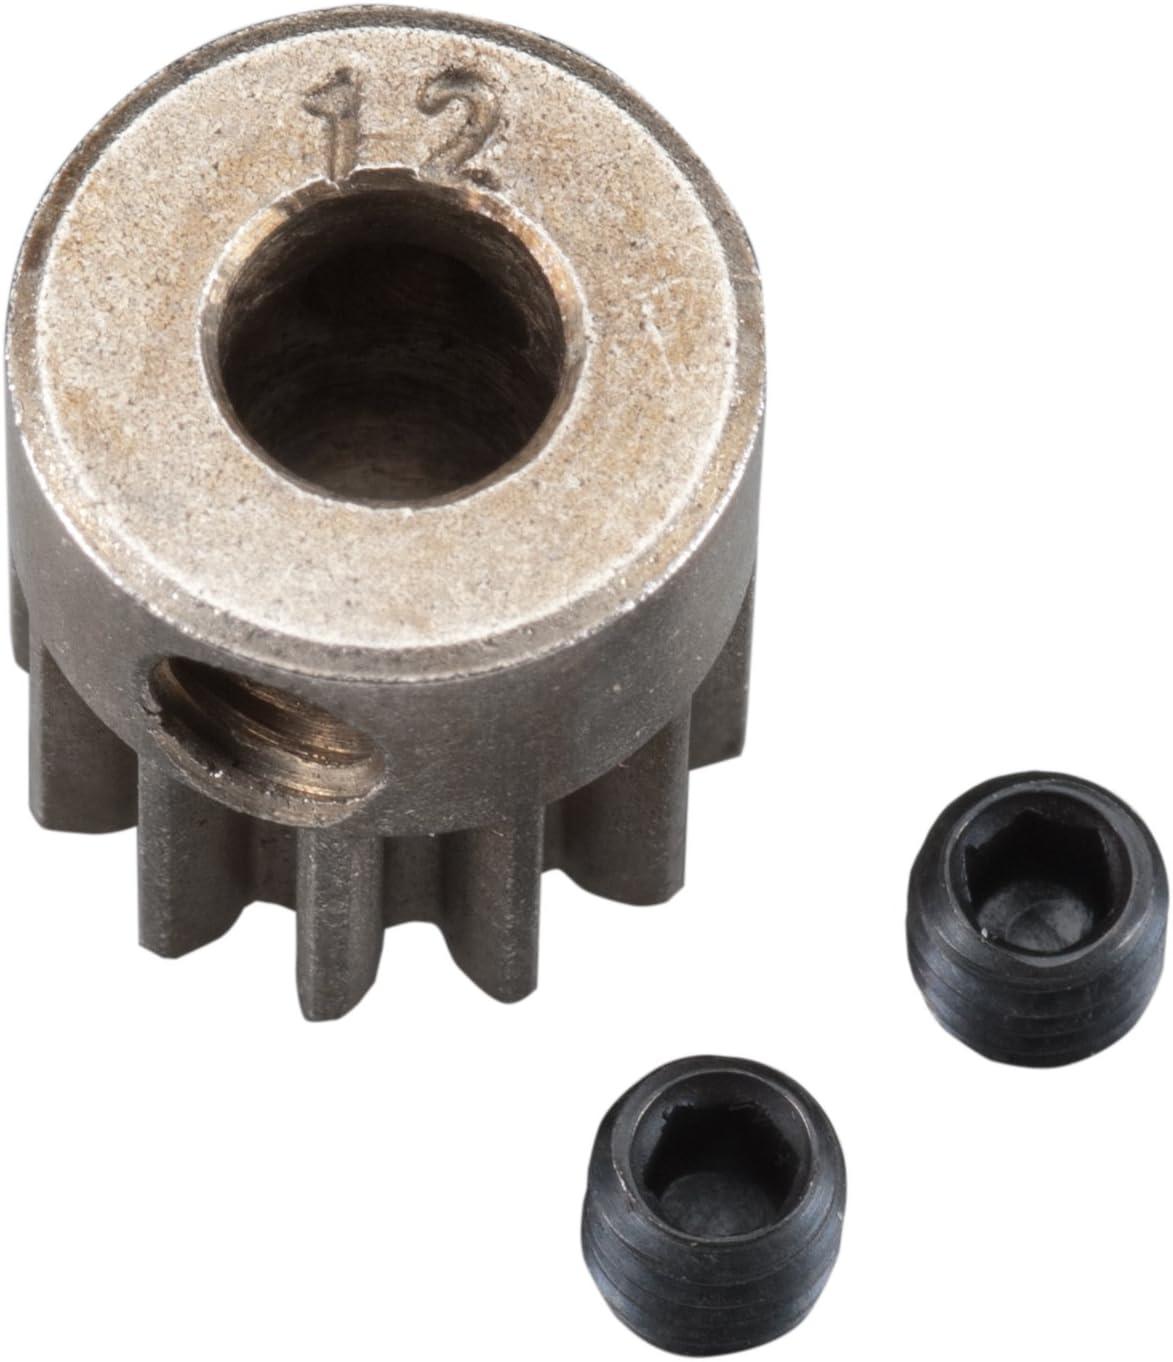 1 Mod 12T 1//8 Pinion 5mm Shaft